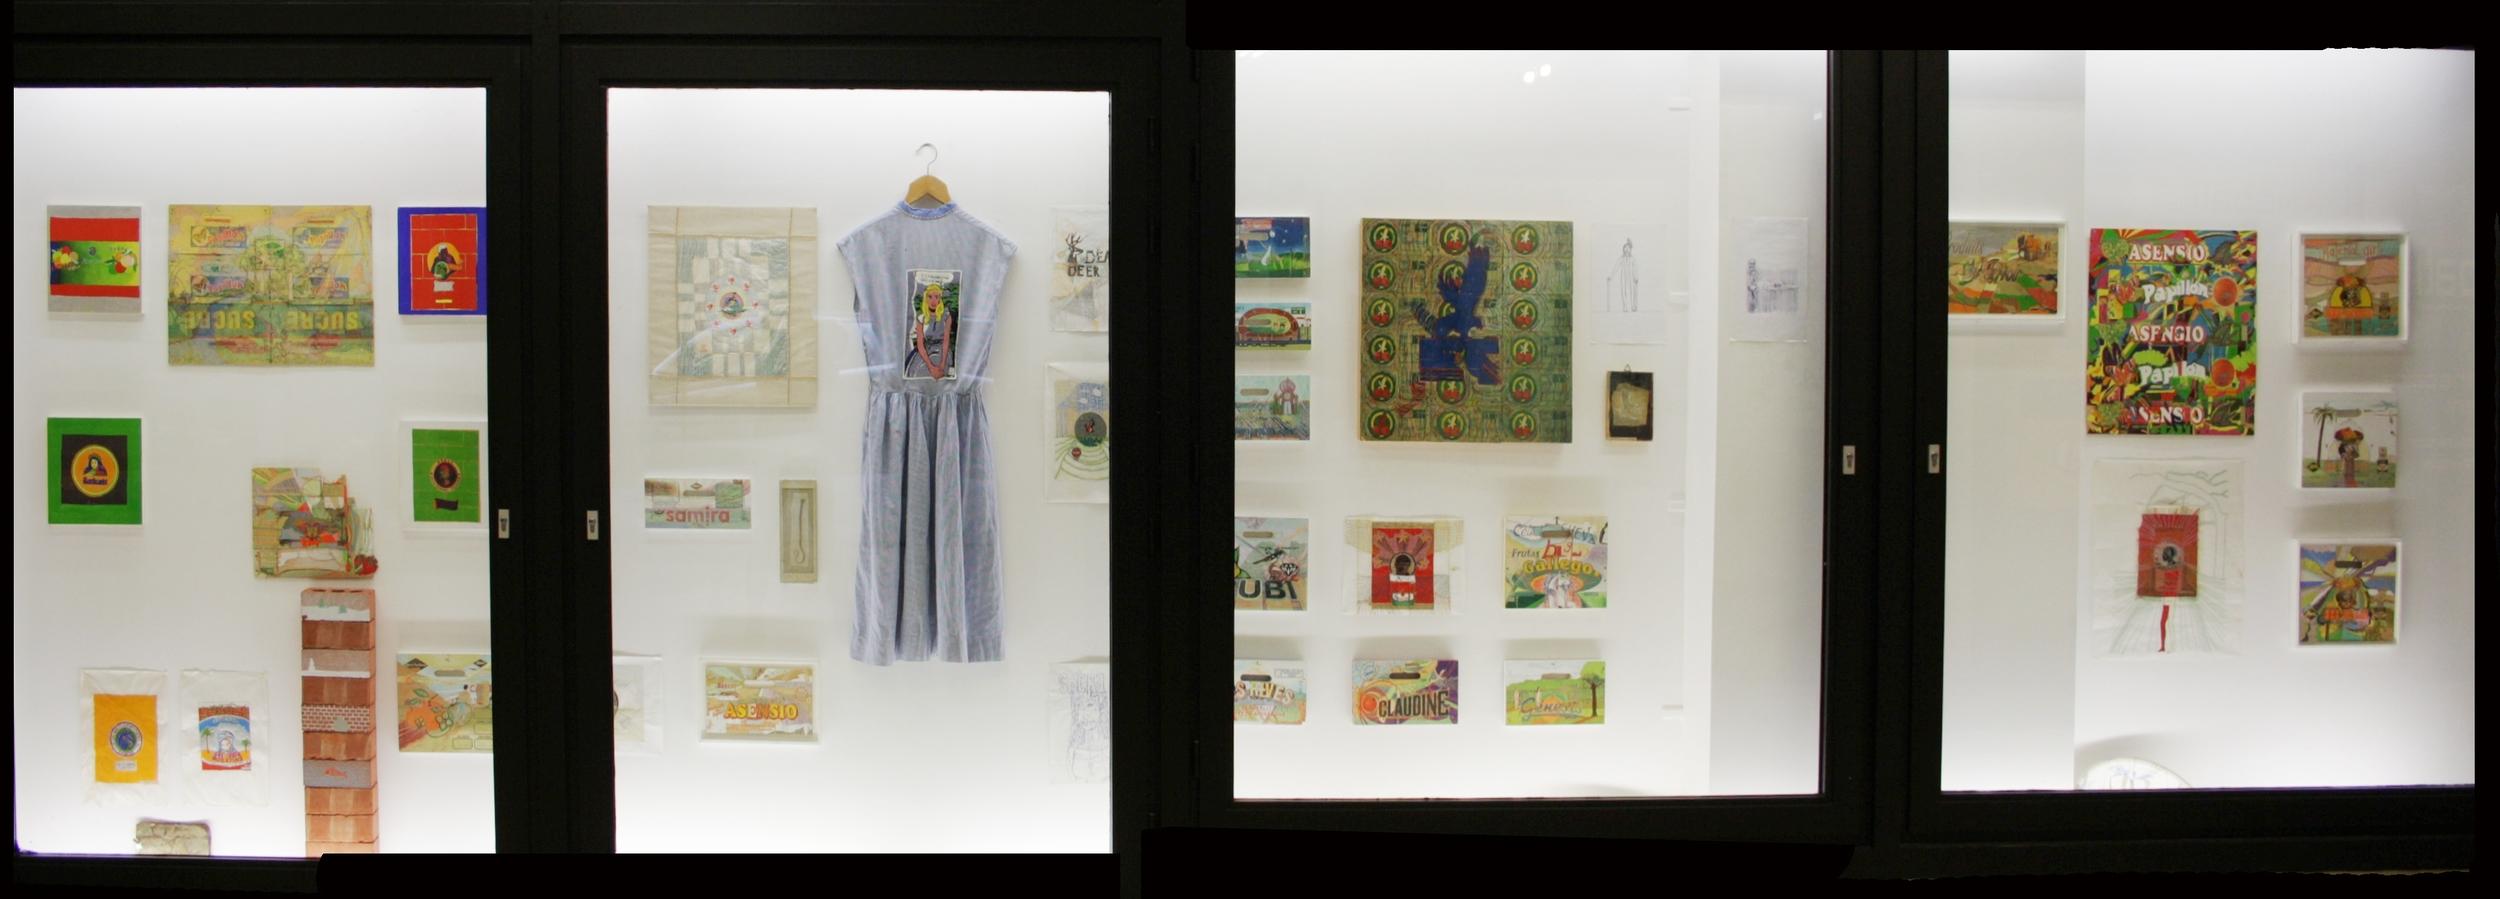 Eléonore Gaillet.  Inventaire  (installation view)